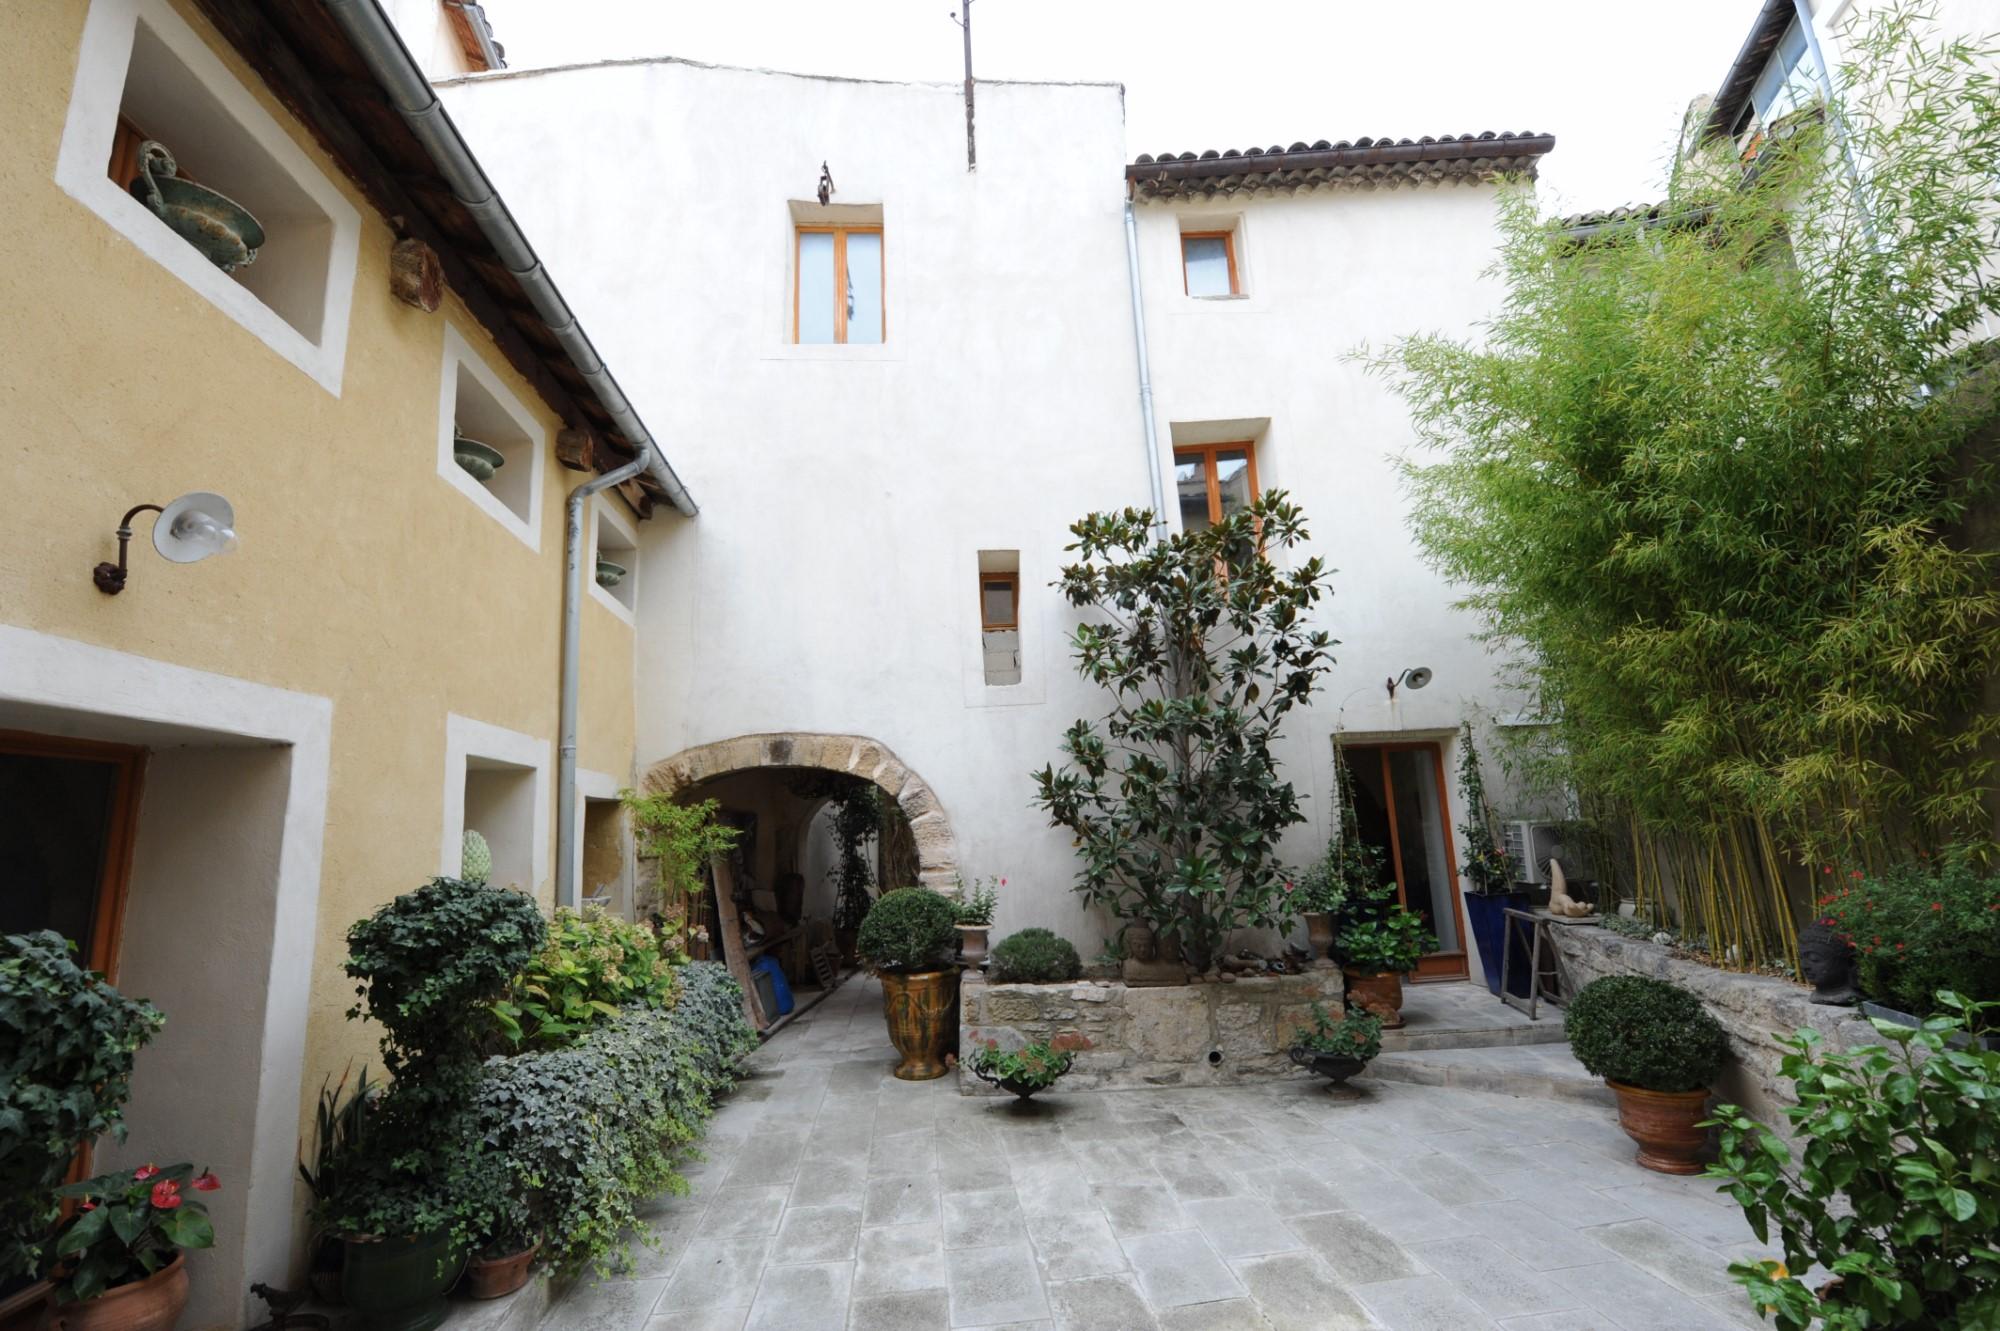 A vendre, à l'Isle sur la Sorgue,  ensemble immobilier avec une maison d'habitation,  2 appartements, un local commercial et un beau patio.